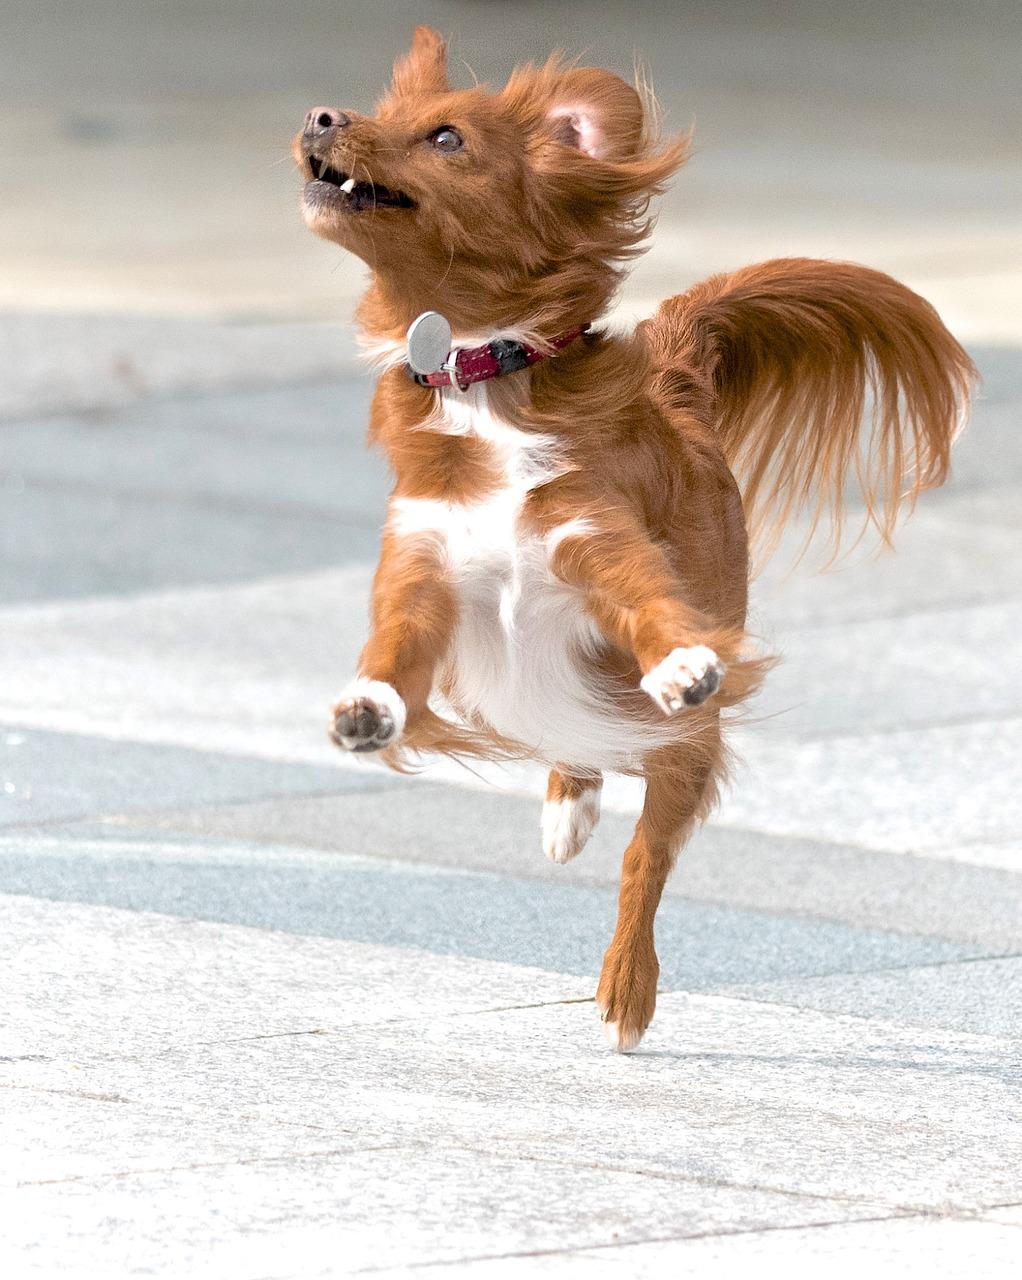 imádnivalóan boldog kutya, hogy szebb legyen a hétvégéd